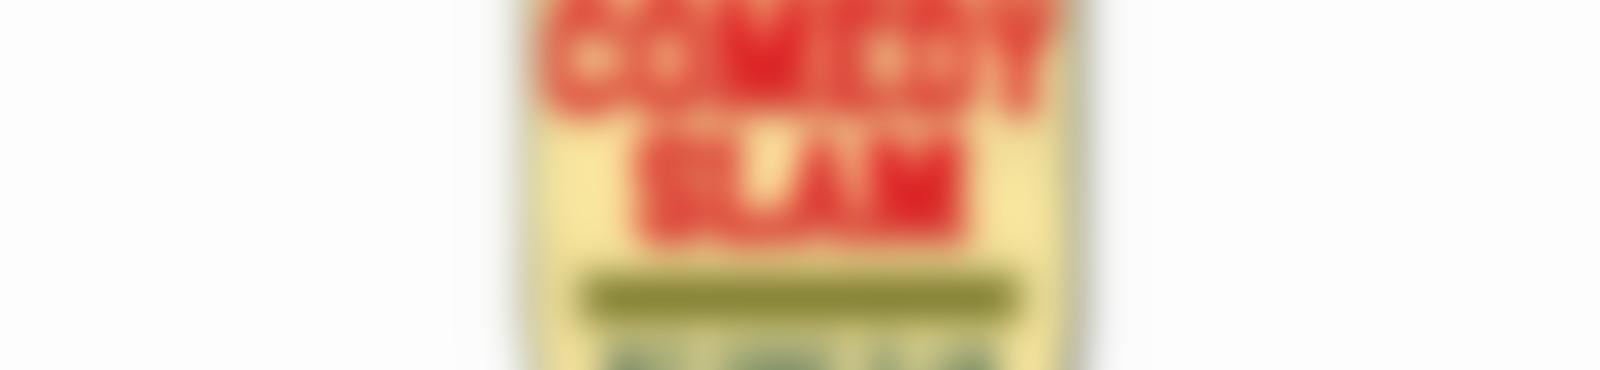 Blurred 42e2345d be84 4a48 a050 310820a66c73